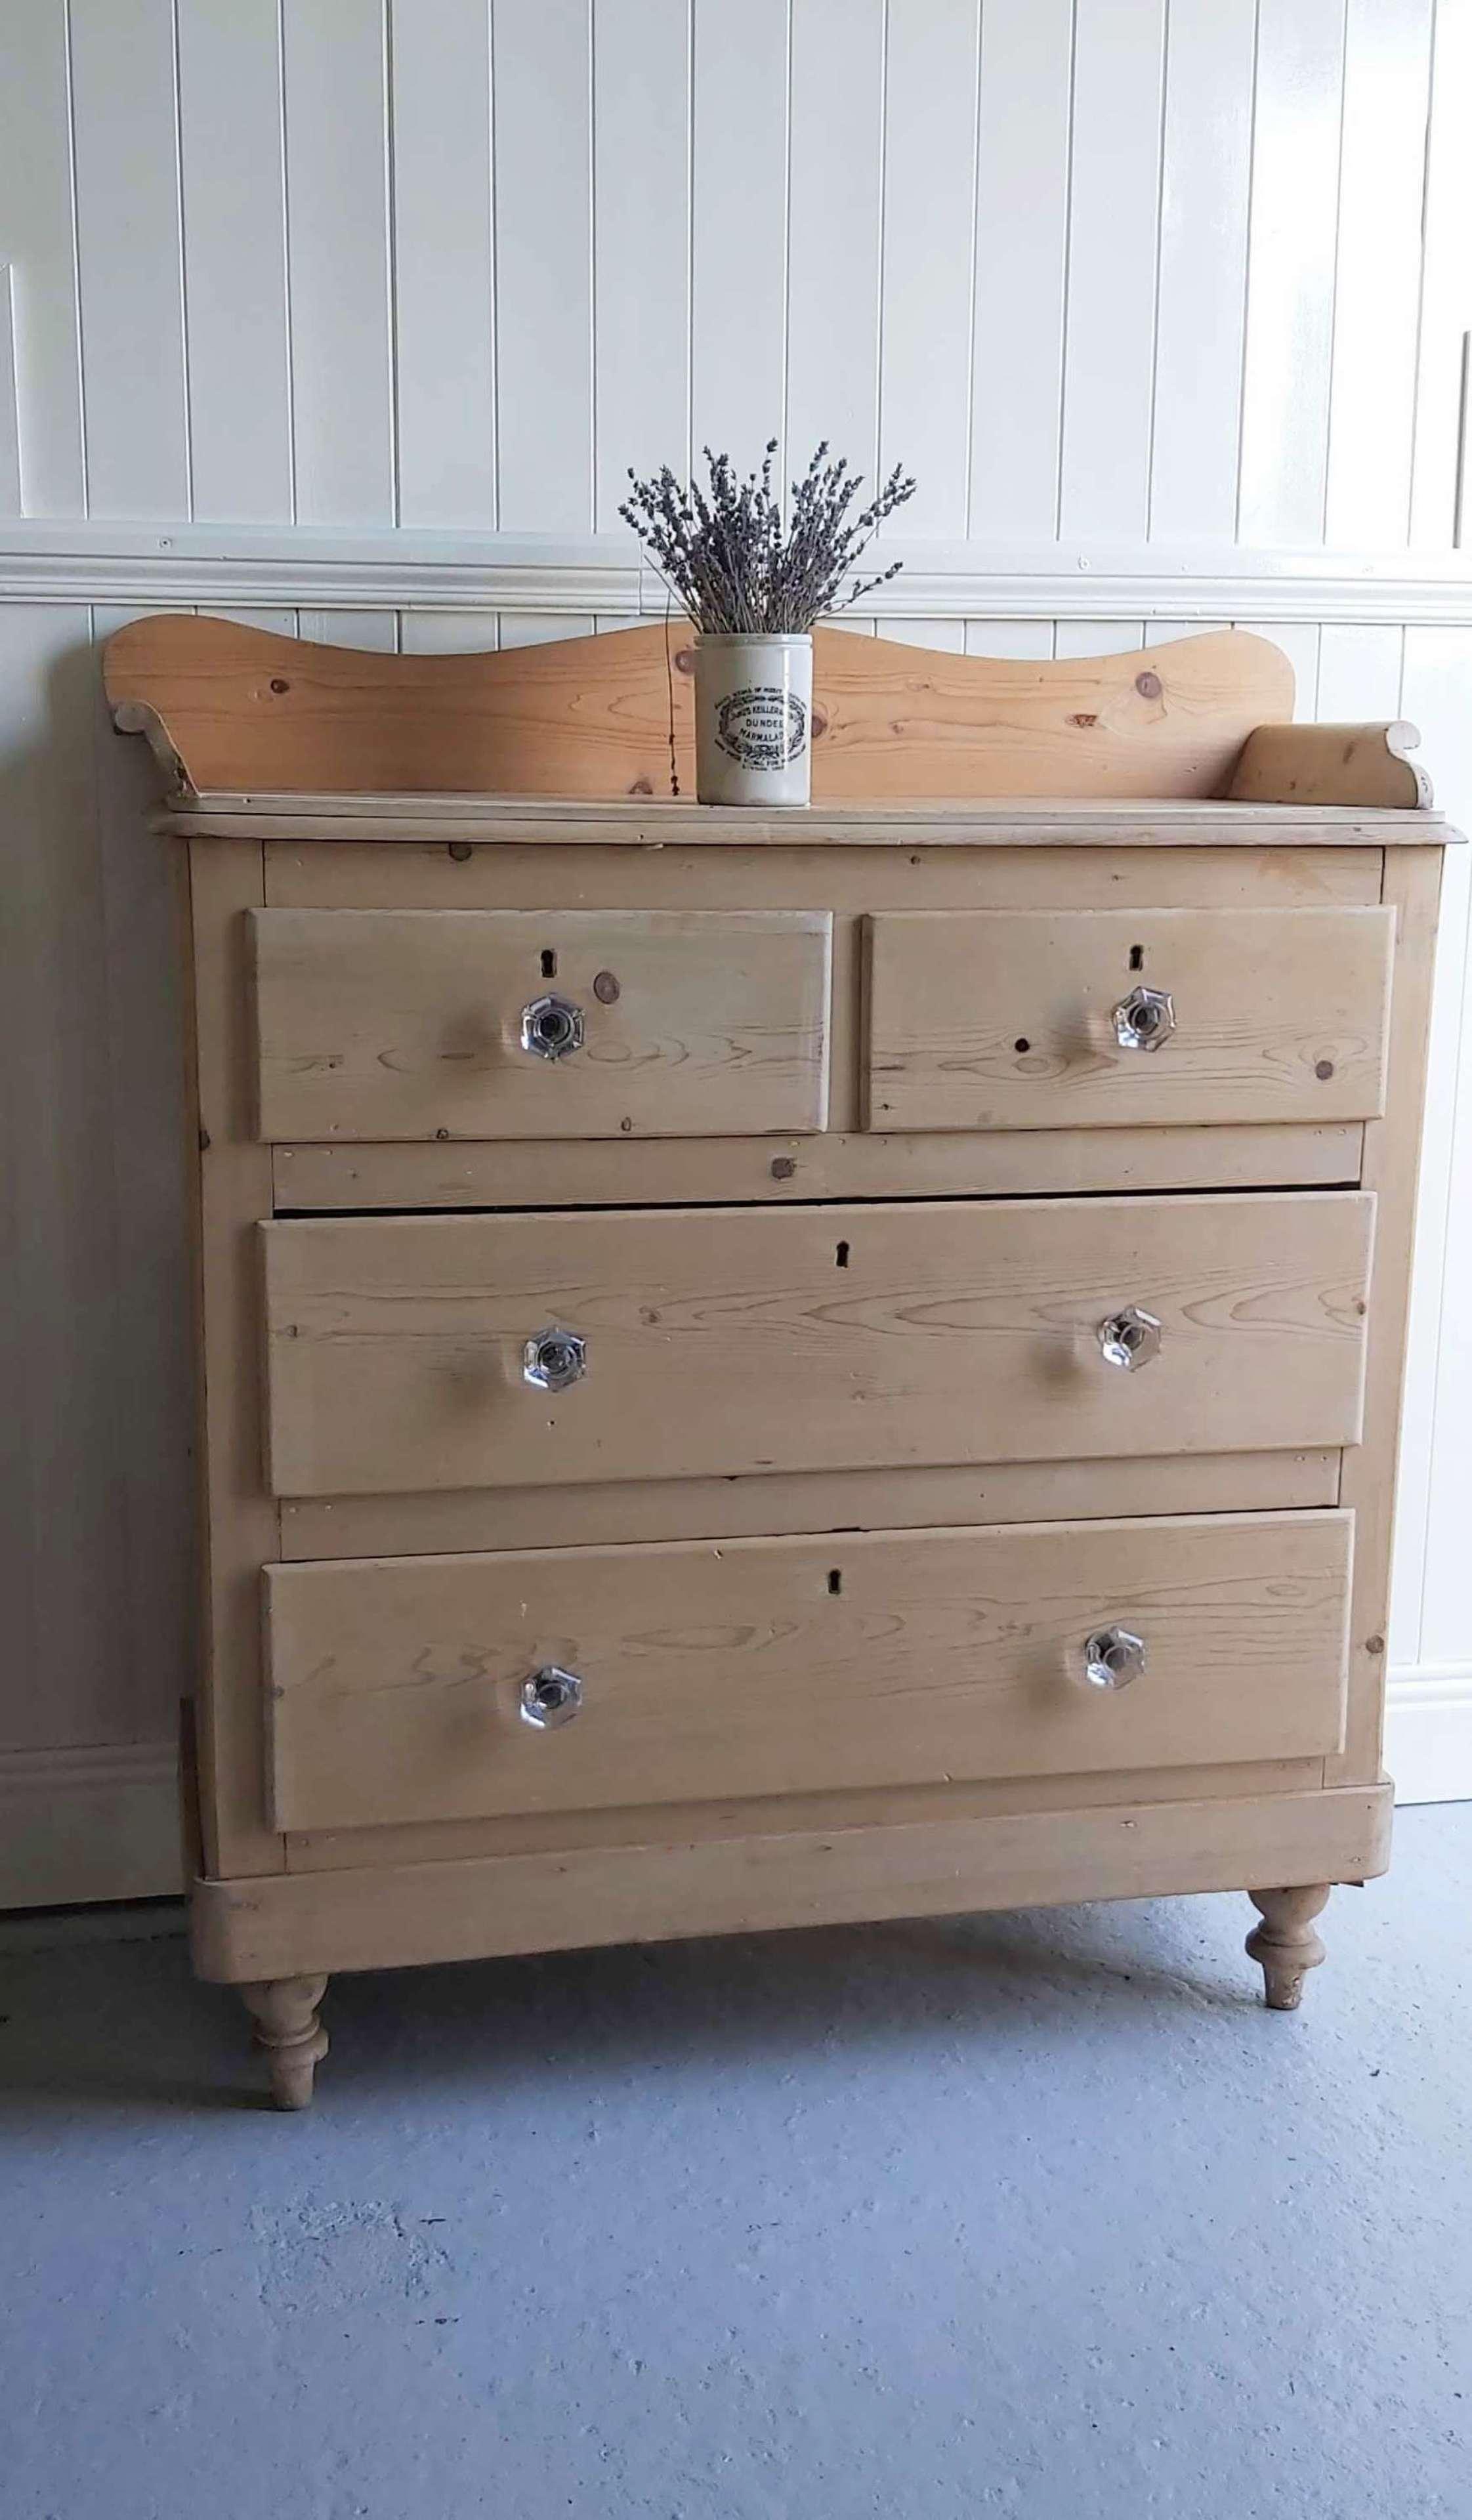 Irish 19th century pine chest